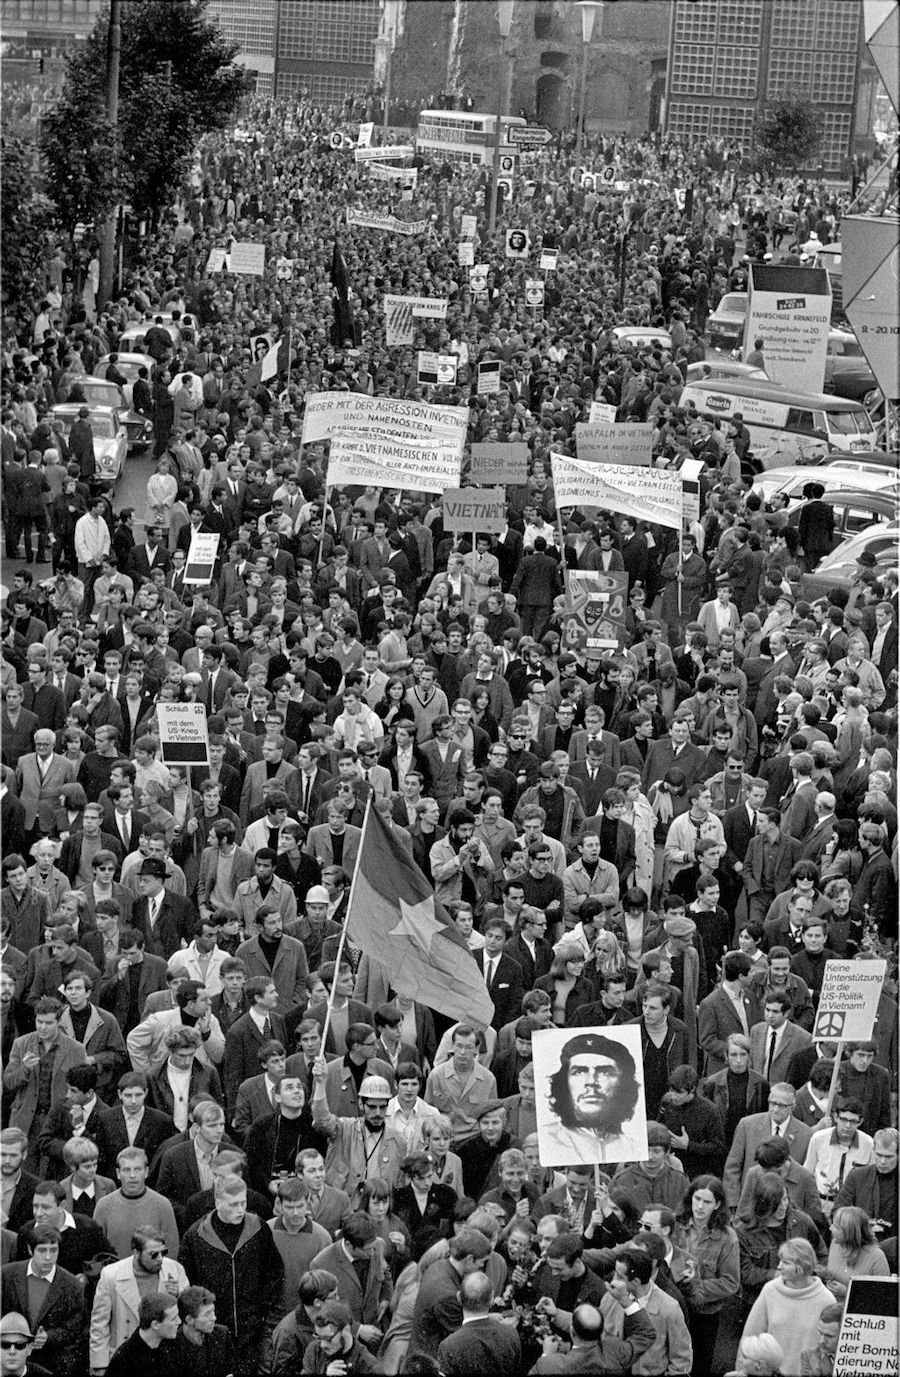 Ludwig_Binder_Haus_der_Geschichte_Studentenrevolte_1968_900